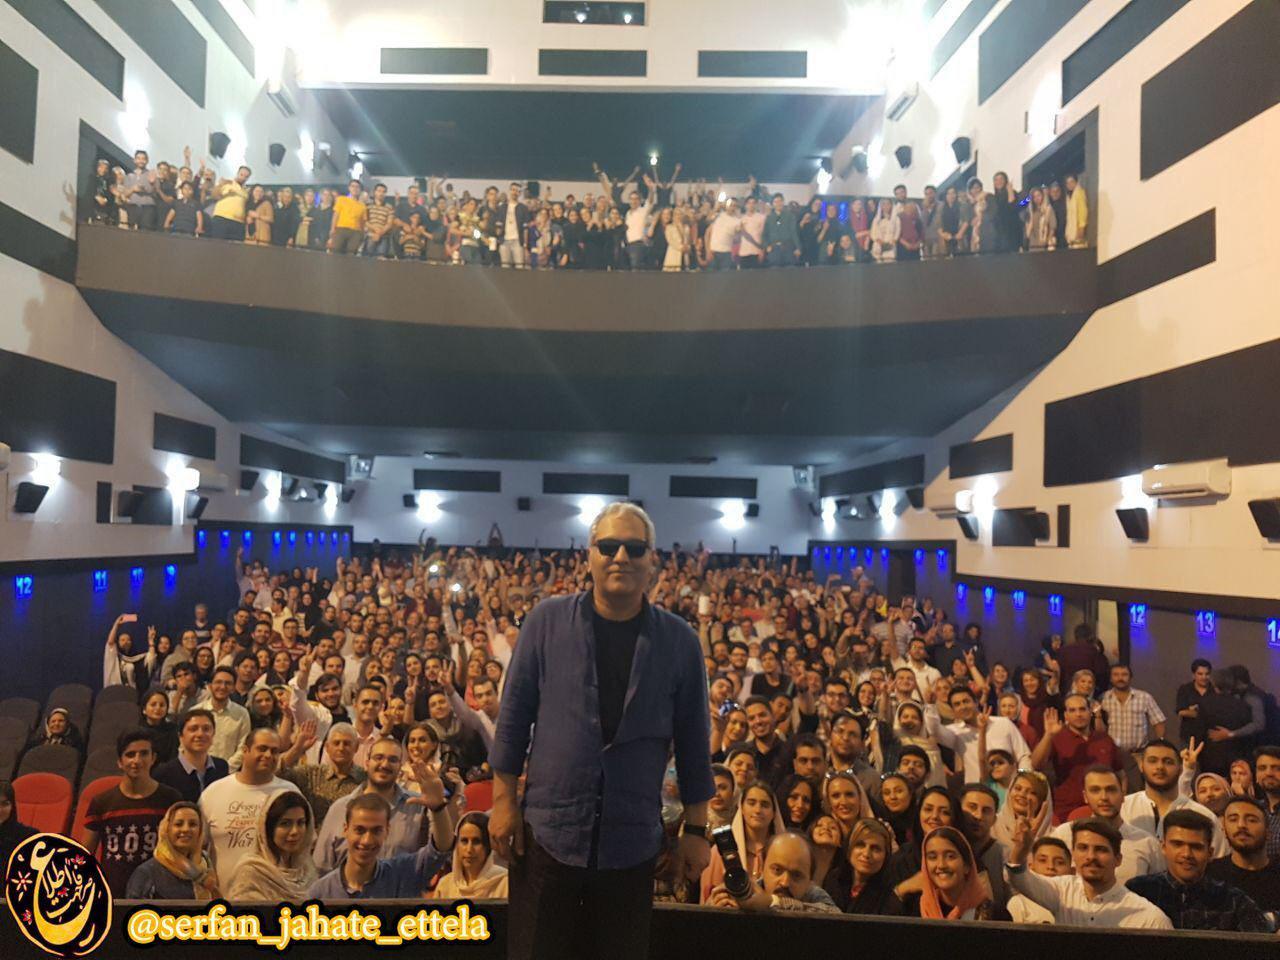 حضور مهران مدیری در میان مخاطبان